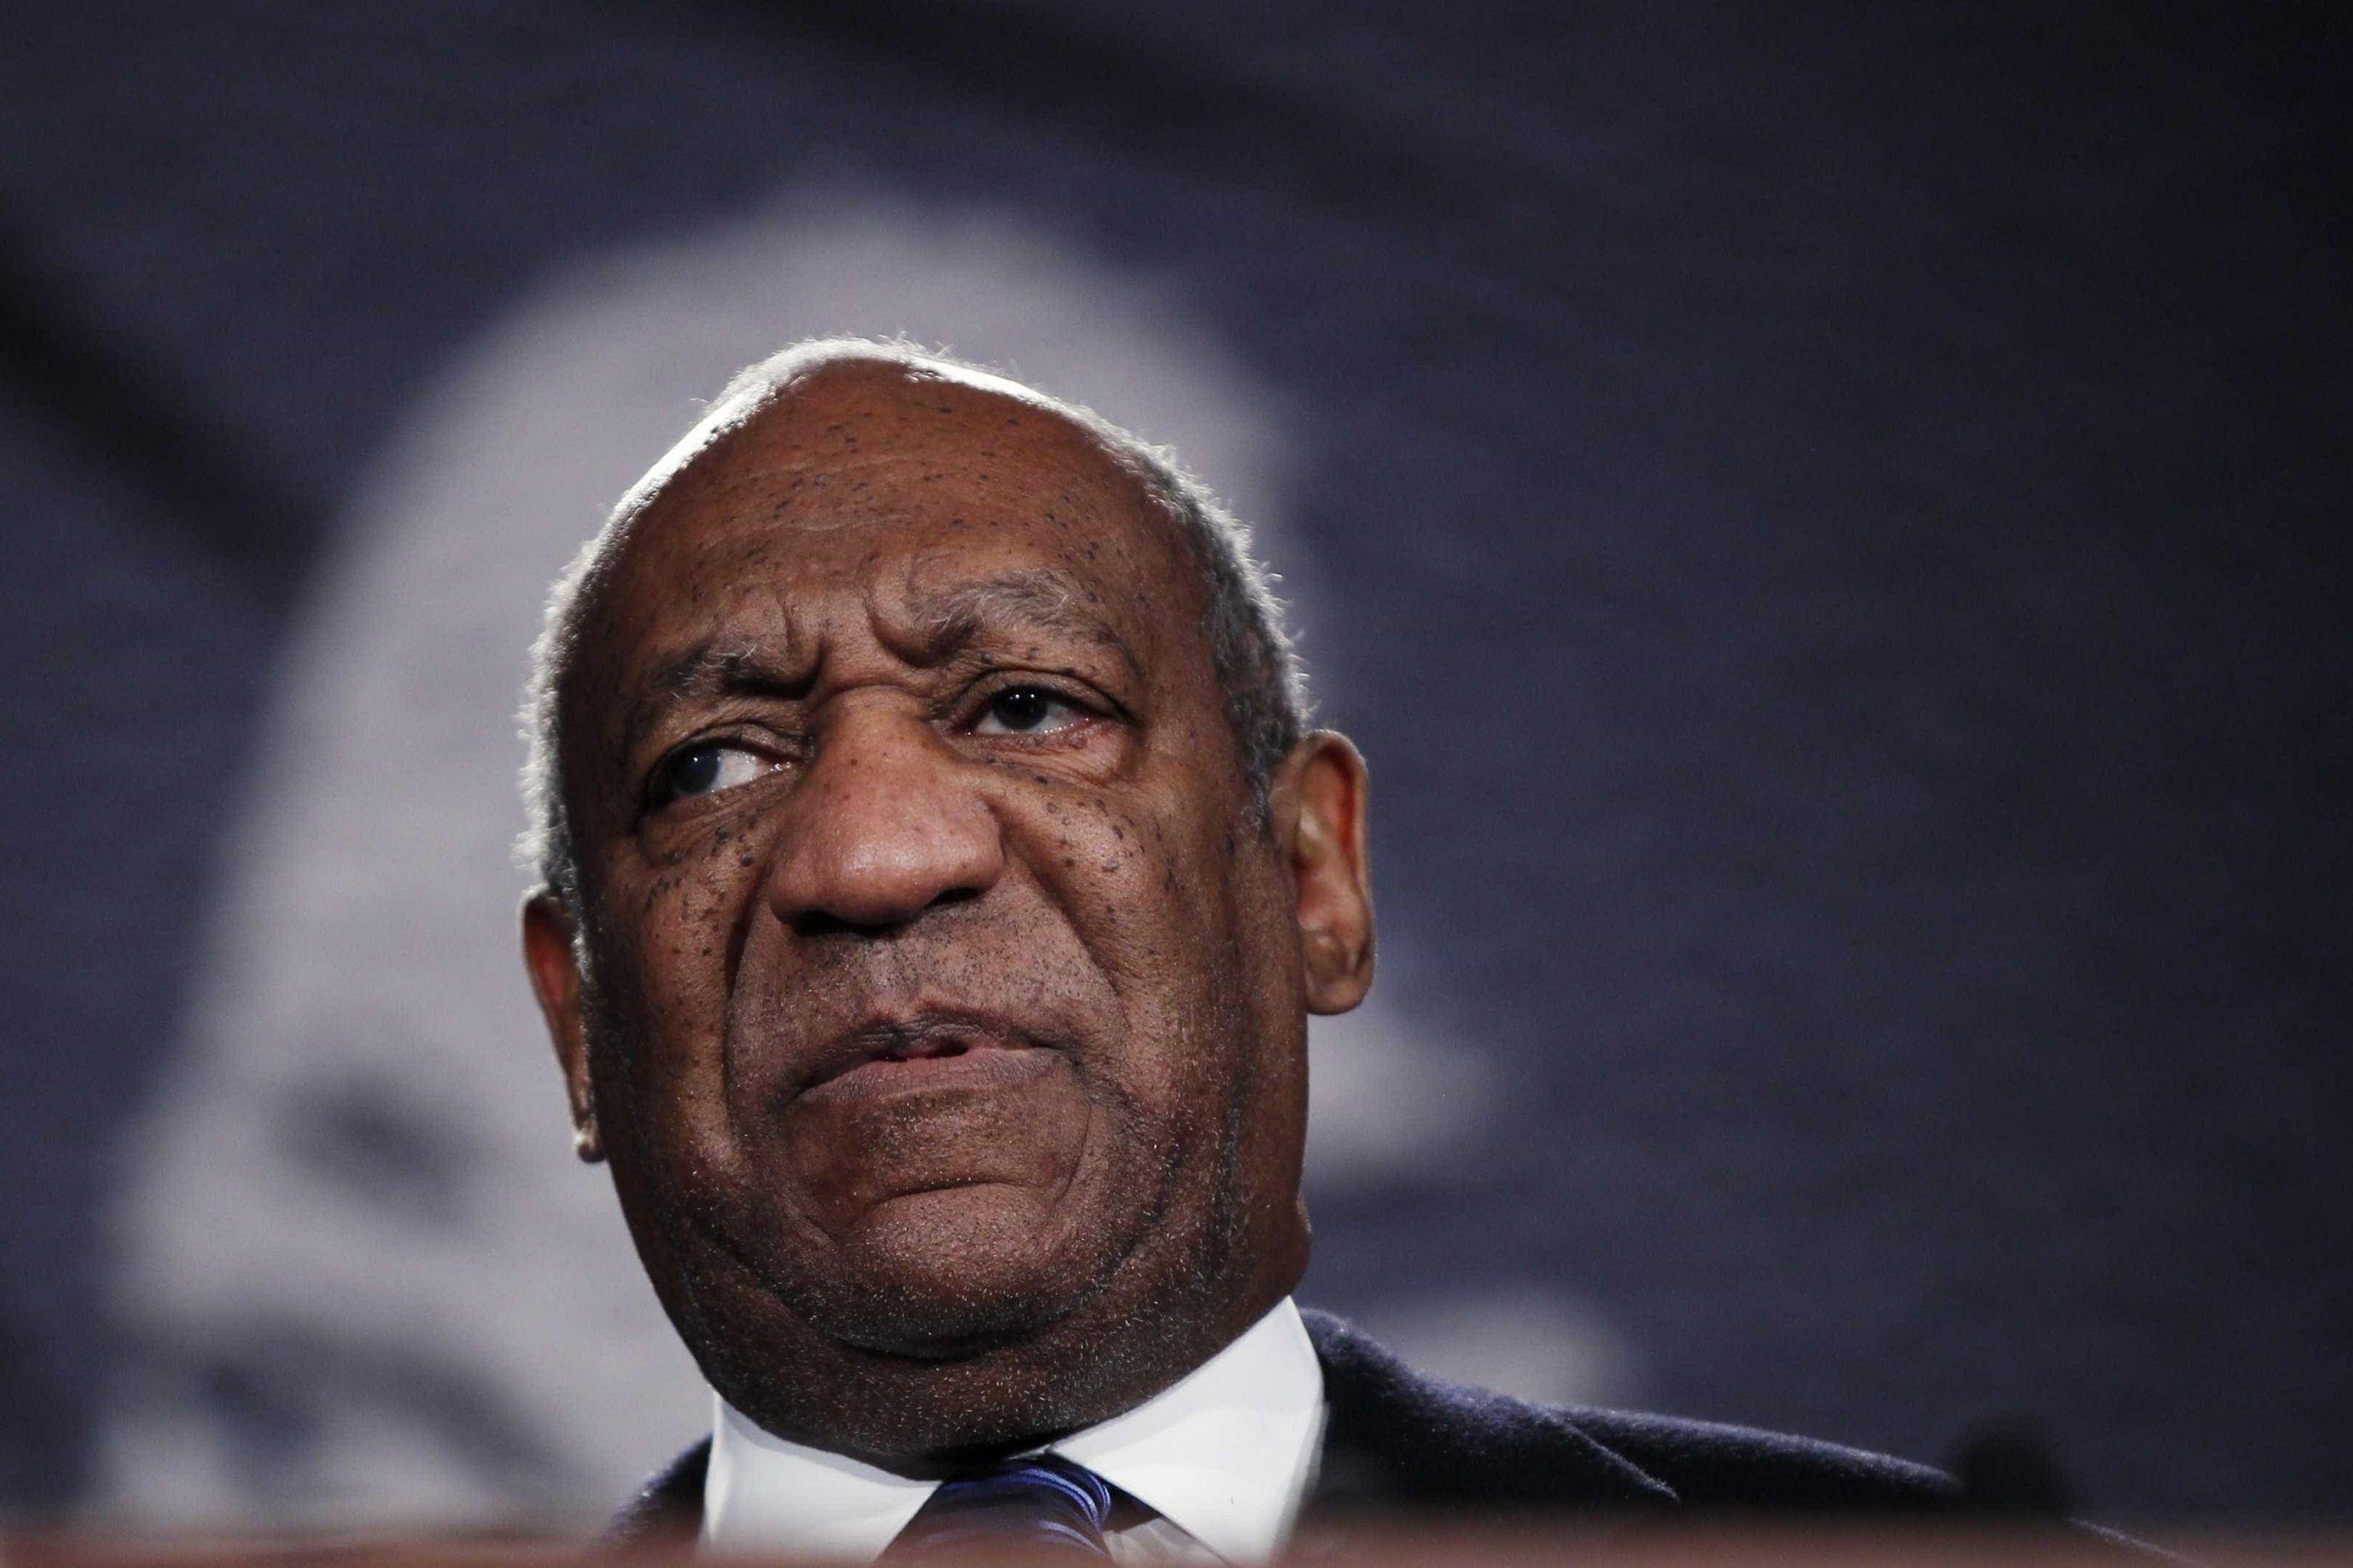 Bill Cosby condenado entre três e 10 anos de prisão por abusos sexuais